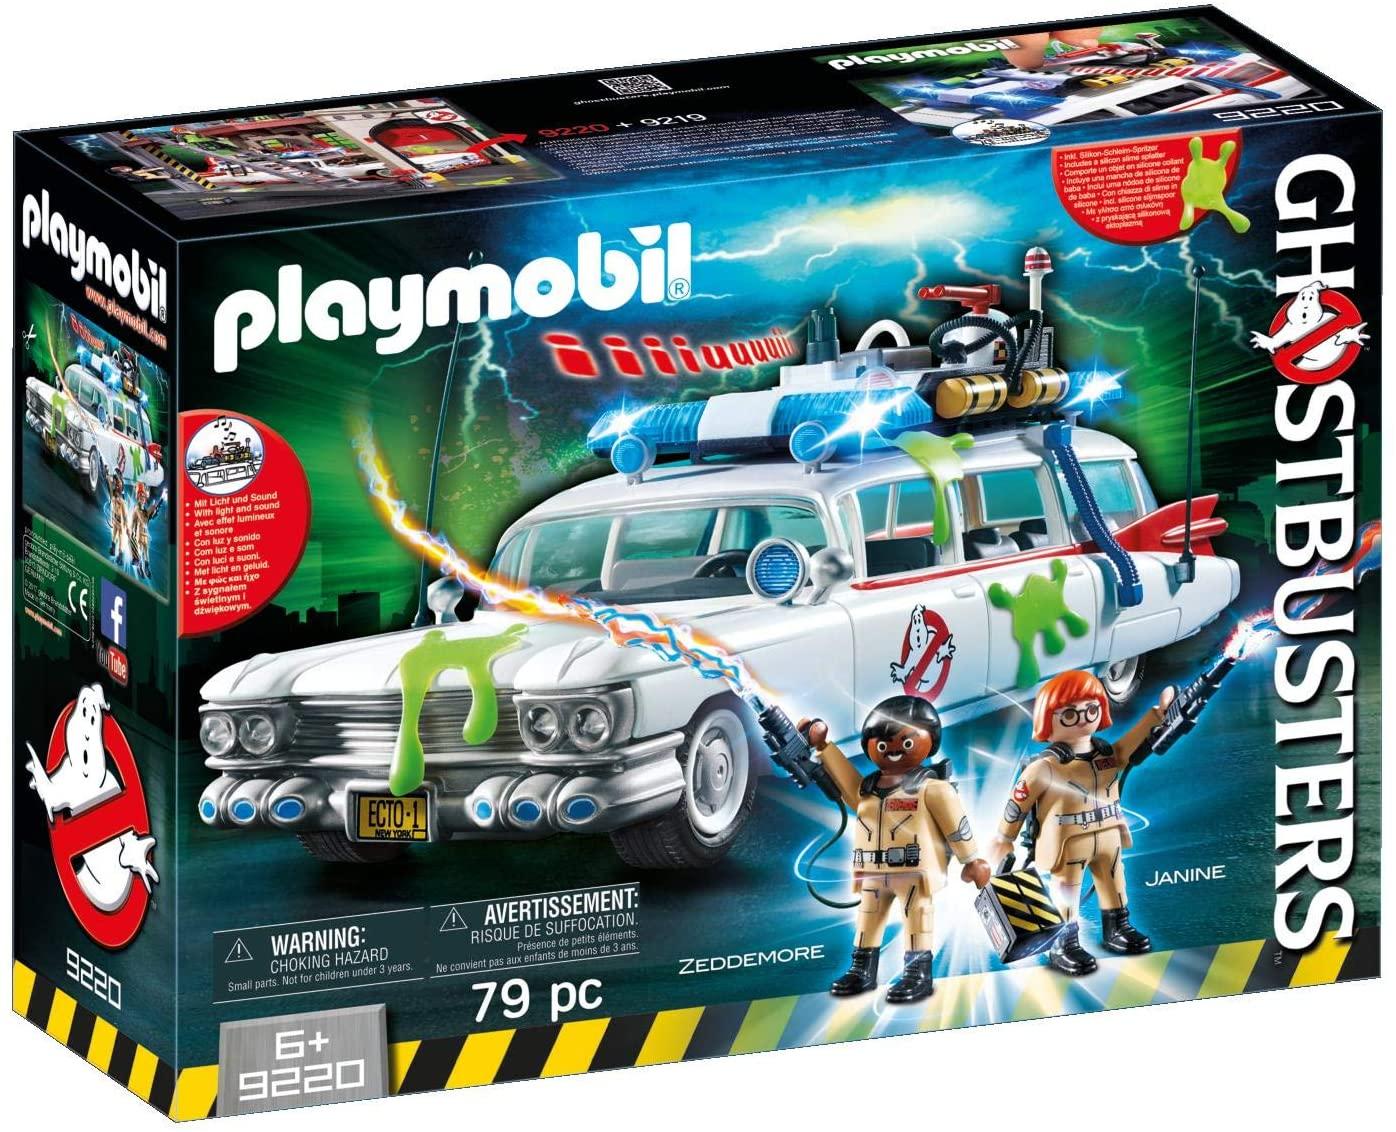 Jouet Playmobil - L'Ecto-1 Ghostbusters 9220 (20.79€ avec le code APP10)